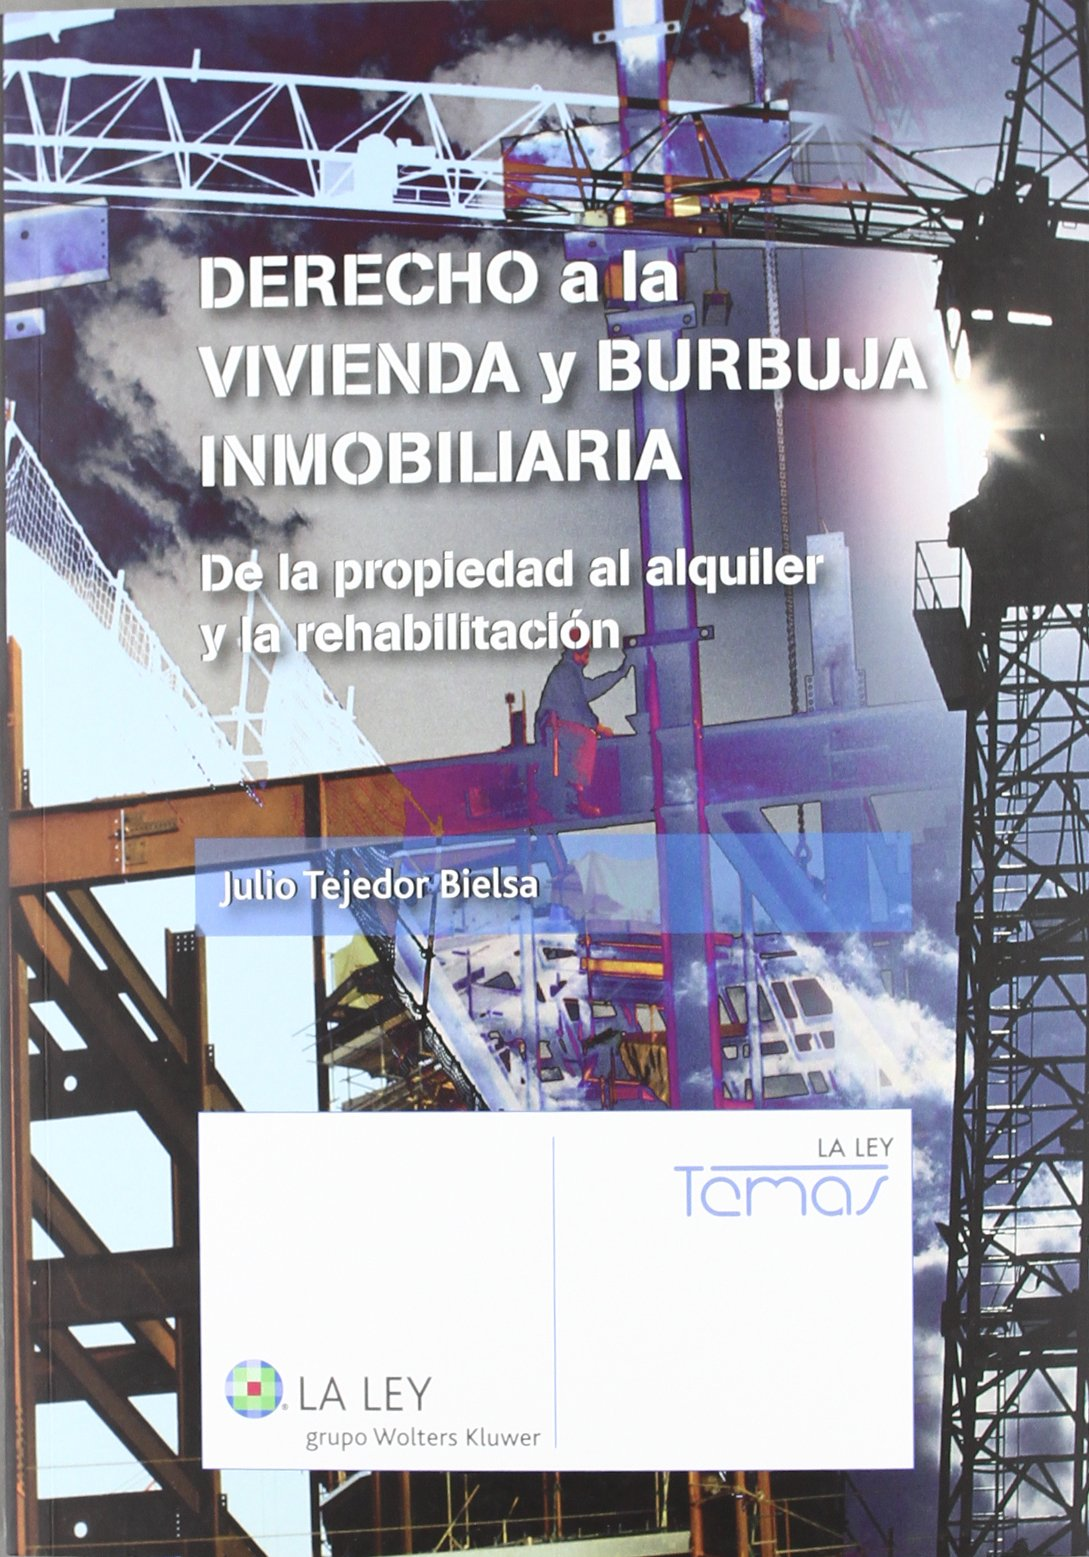 Derecho a la vivienda y burbuja inmobiliaria Temas La Ley: Amazon.es: Tejedor Bielsa, Julio, Parejo Alfonso, Luciano: Libros